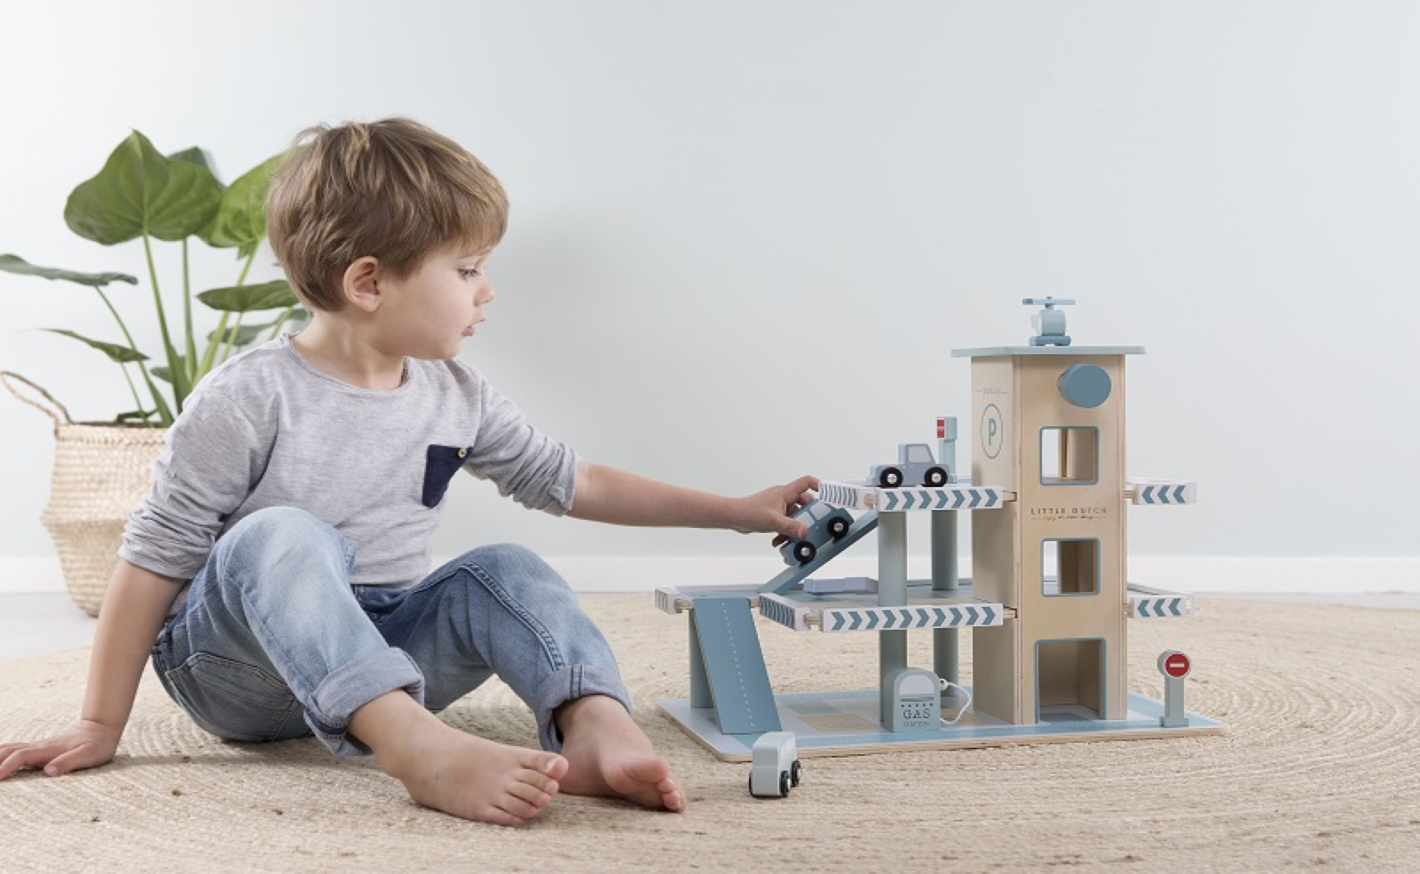 Jak zabavit děti, když nemůžou ven? Rozvíjejícími hračkami